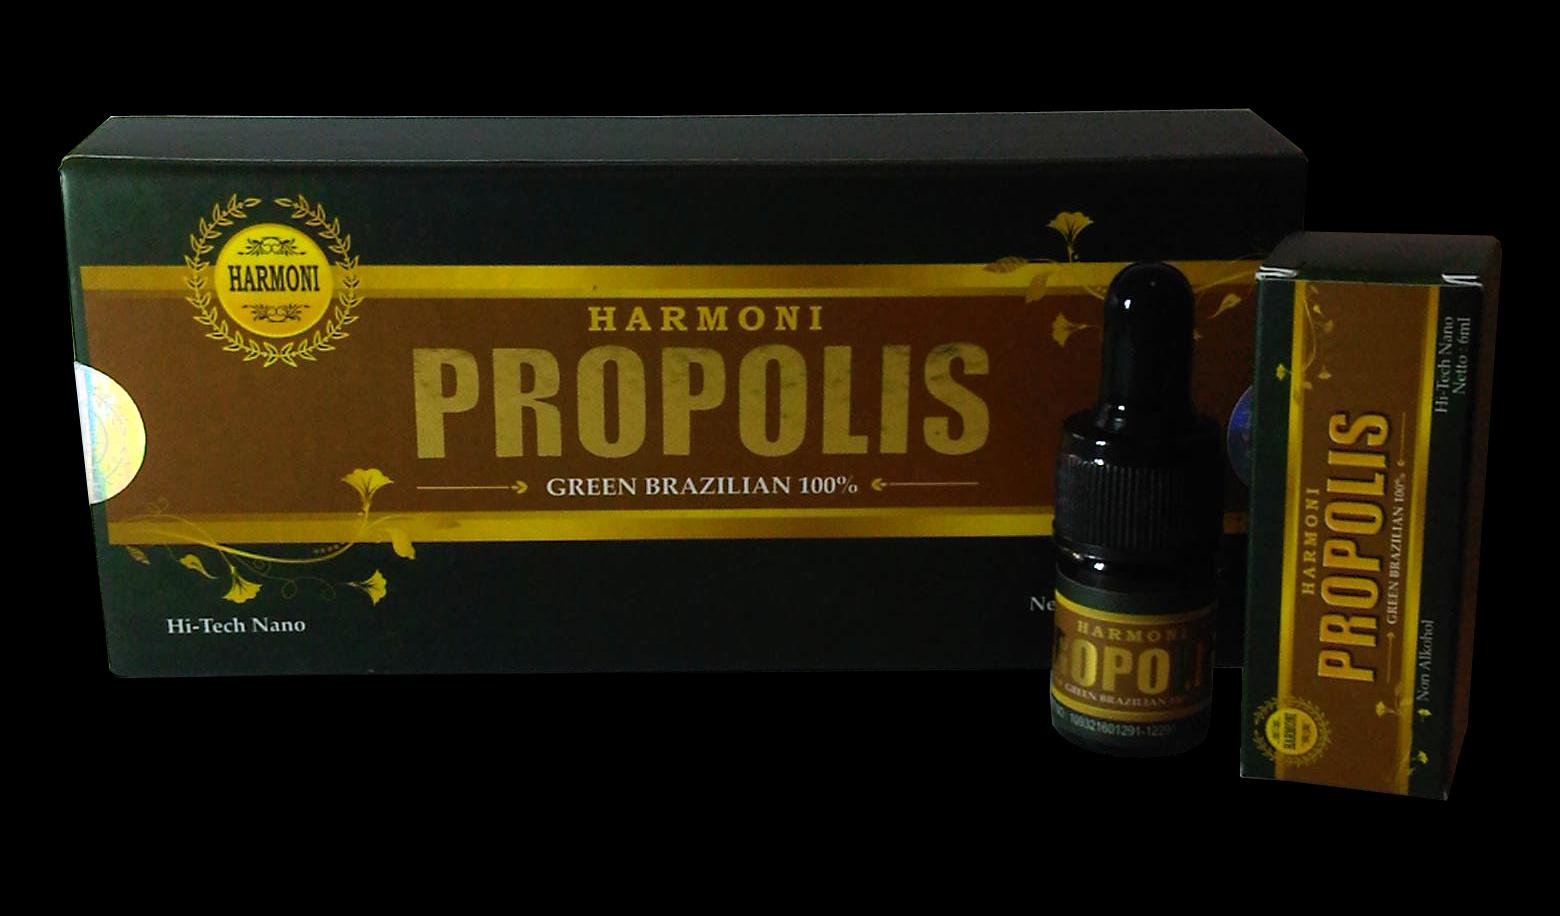 Propolis Harmoni Brazilian